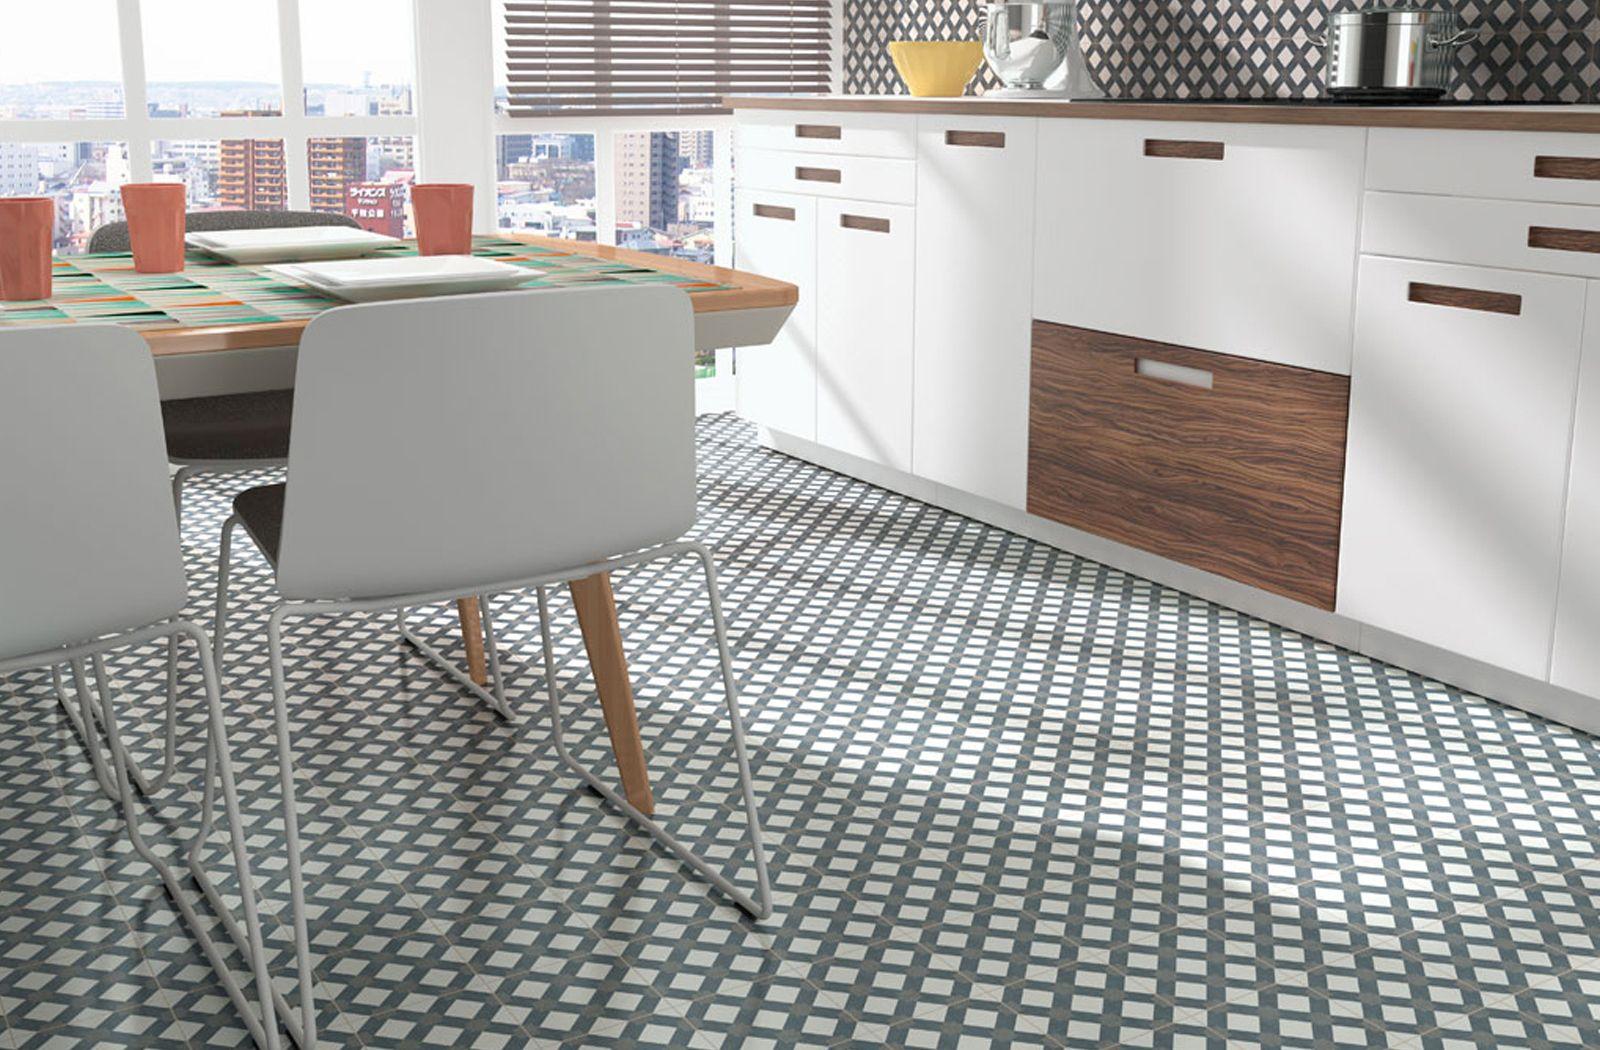 Kitchen And Backsplash Patterned Floor Tiles